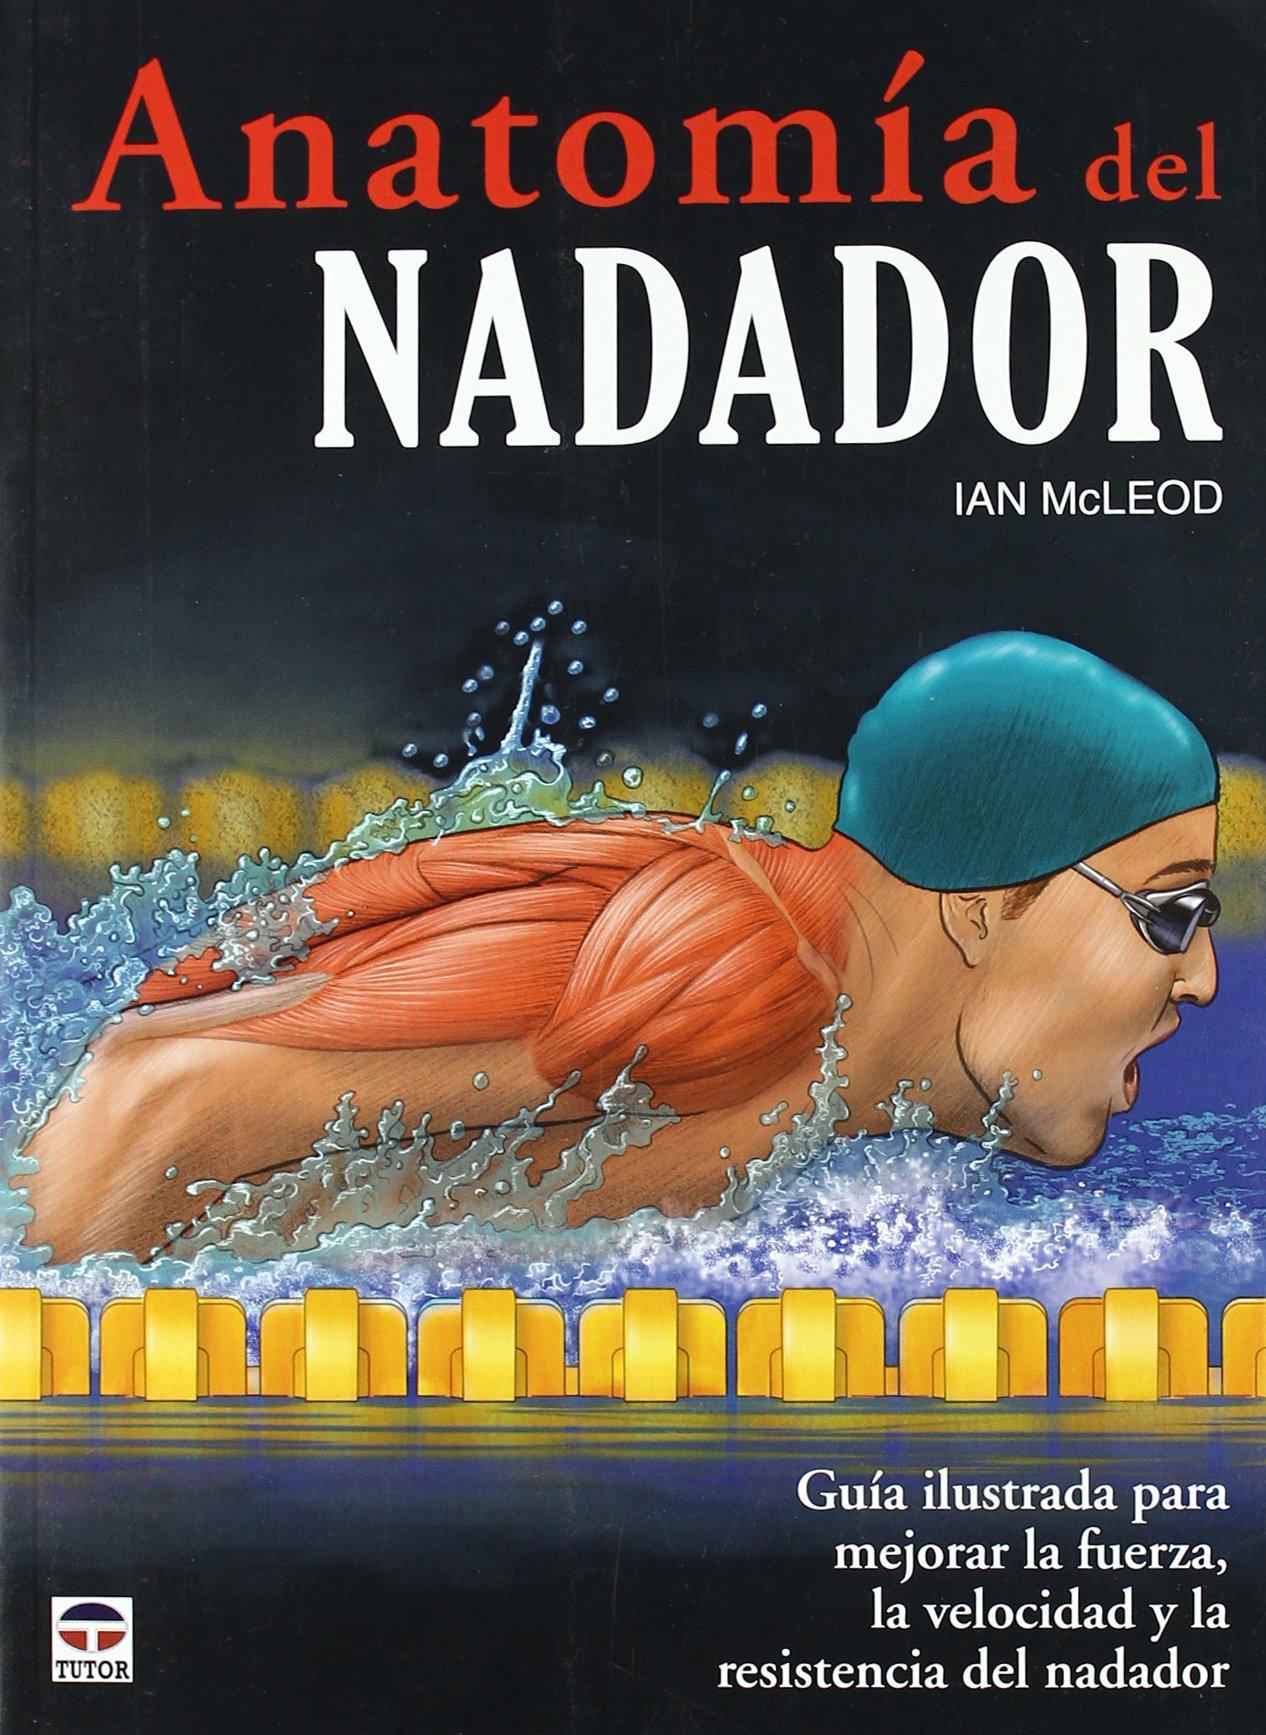 Anatomía Del Nadador: Amazon.es: Ian McLeod: Libros